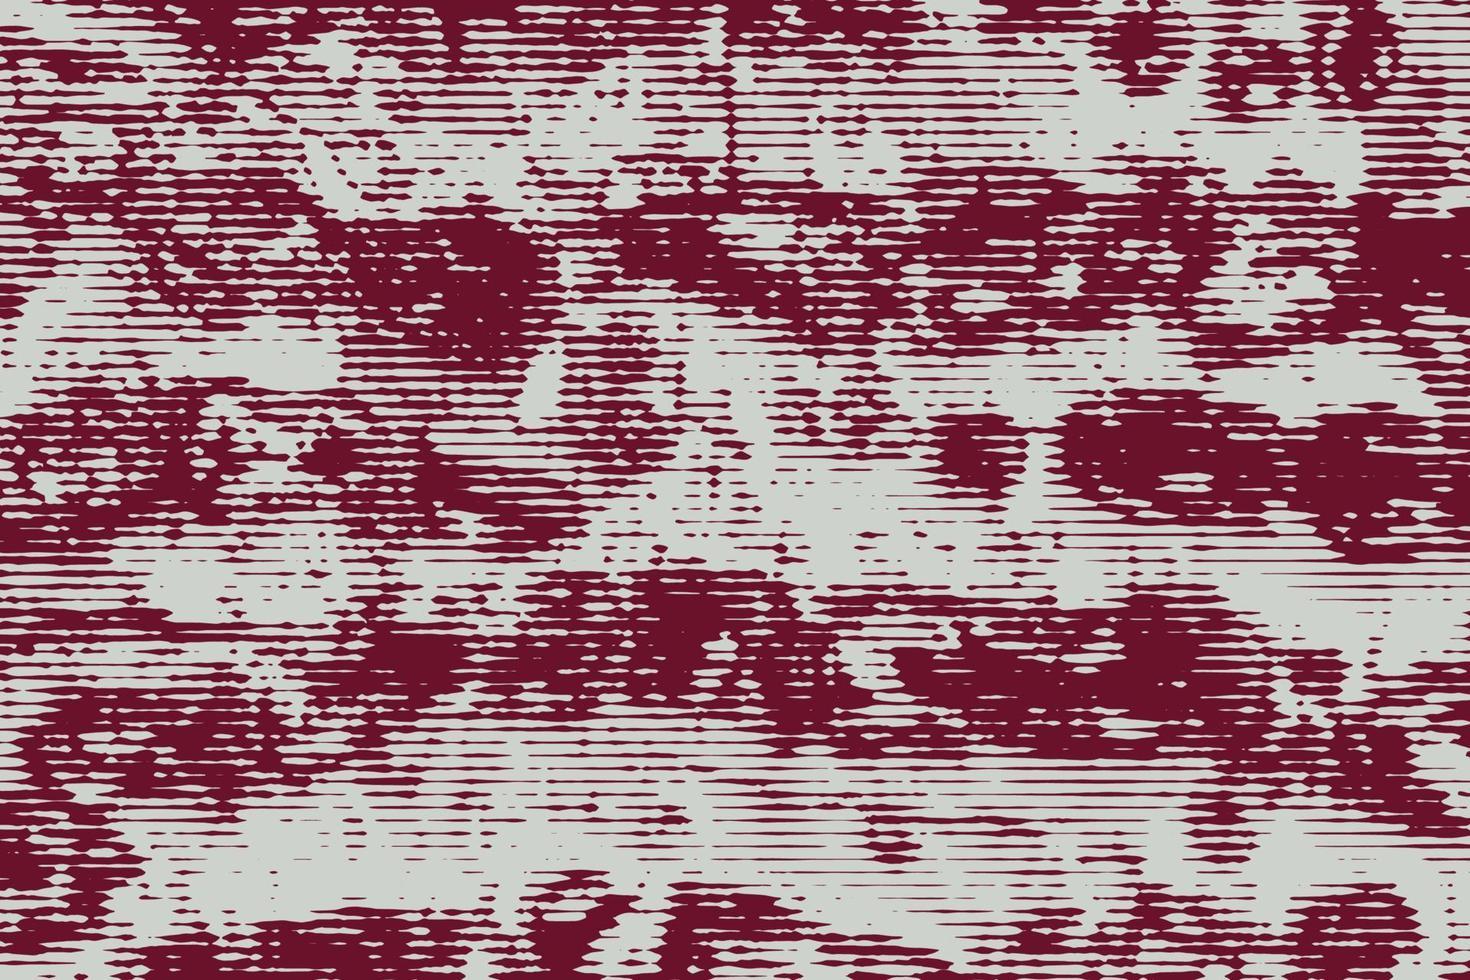 abstrakte beunruhigte Grunge-Oberflächenstruktur Hintergrund vektor